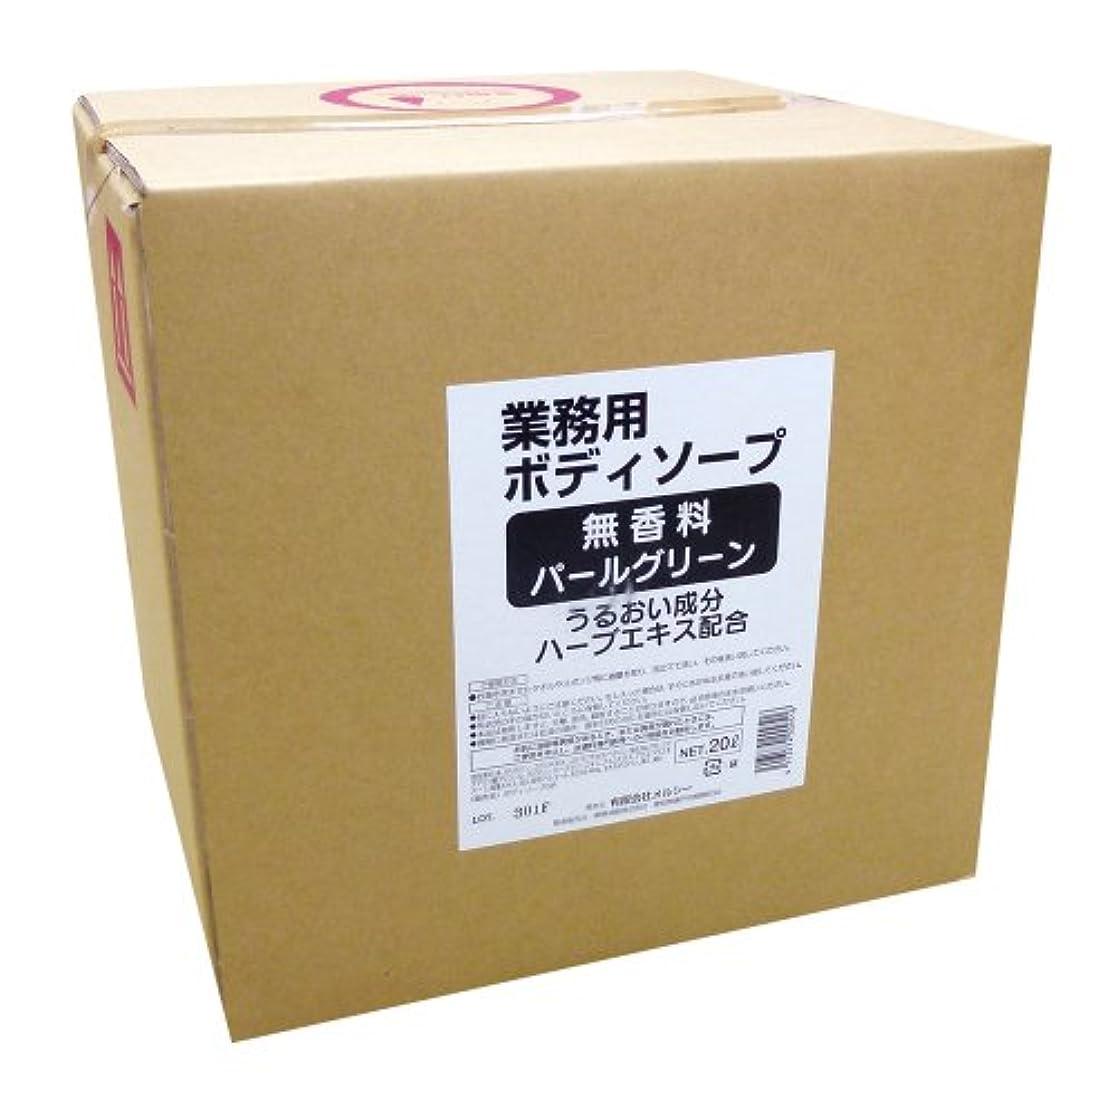 回想ベジタリアン委任する【業務用】 無香料 ボディソープ 20L